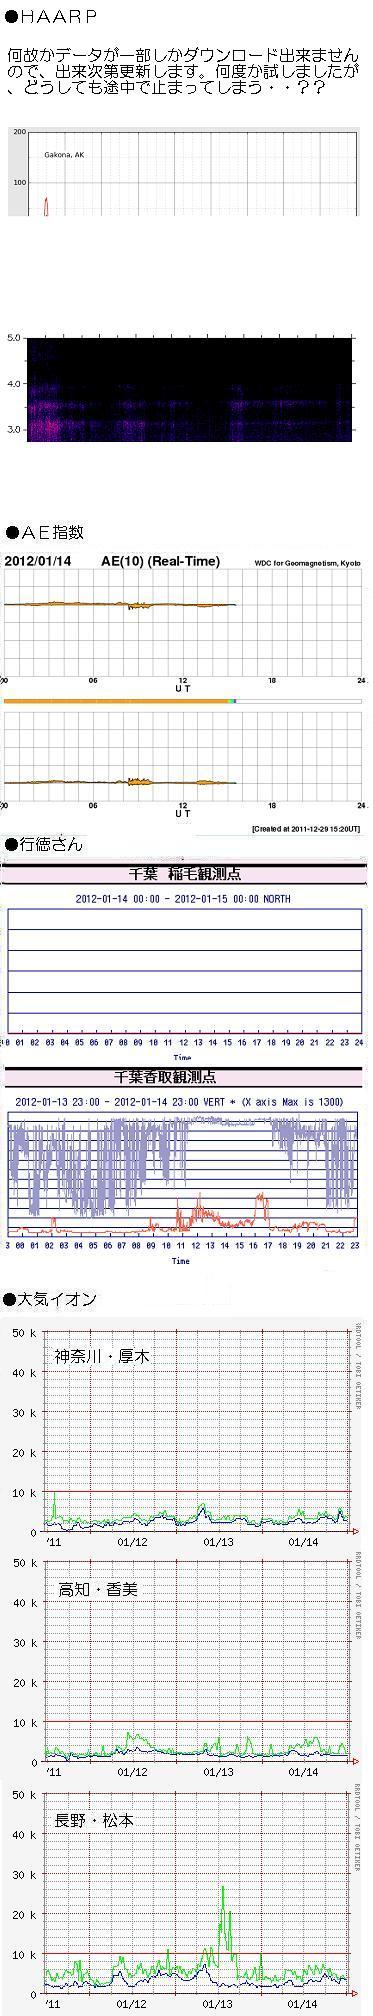 0115-1 データ